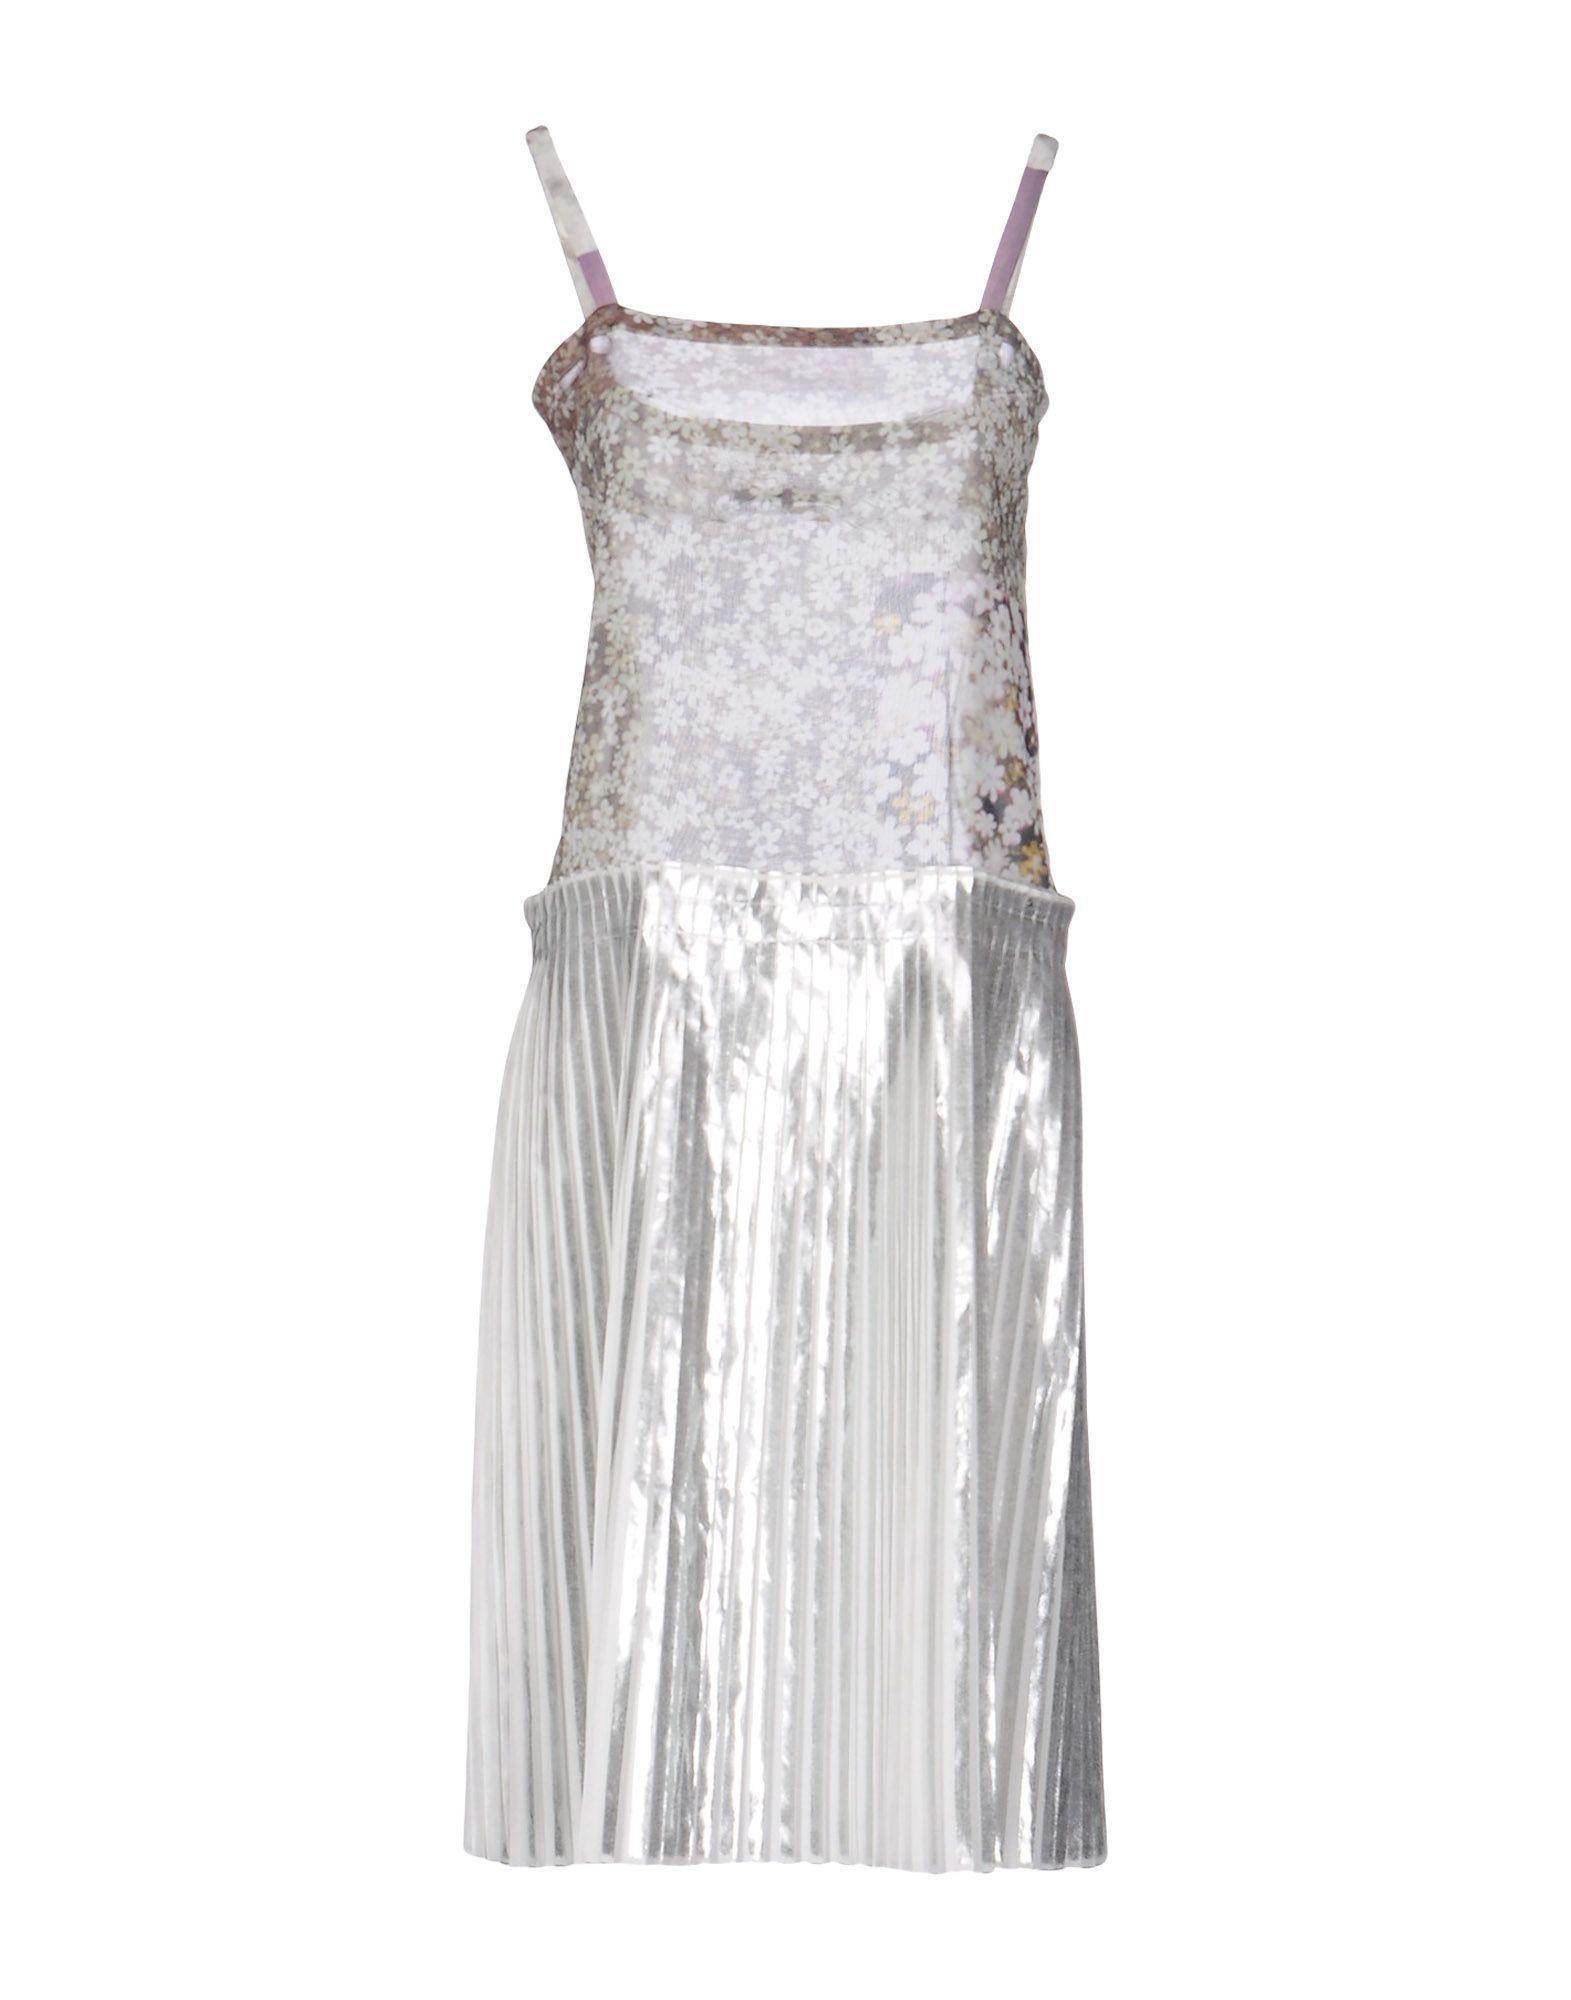 MM6 MAISON MARGIELA Damen Knielanges Kleid Farbe Militärgrün Größe 3 - broschei